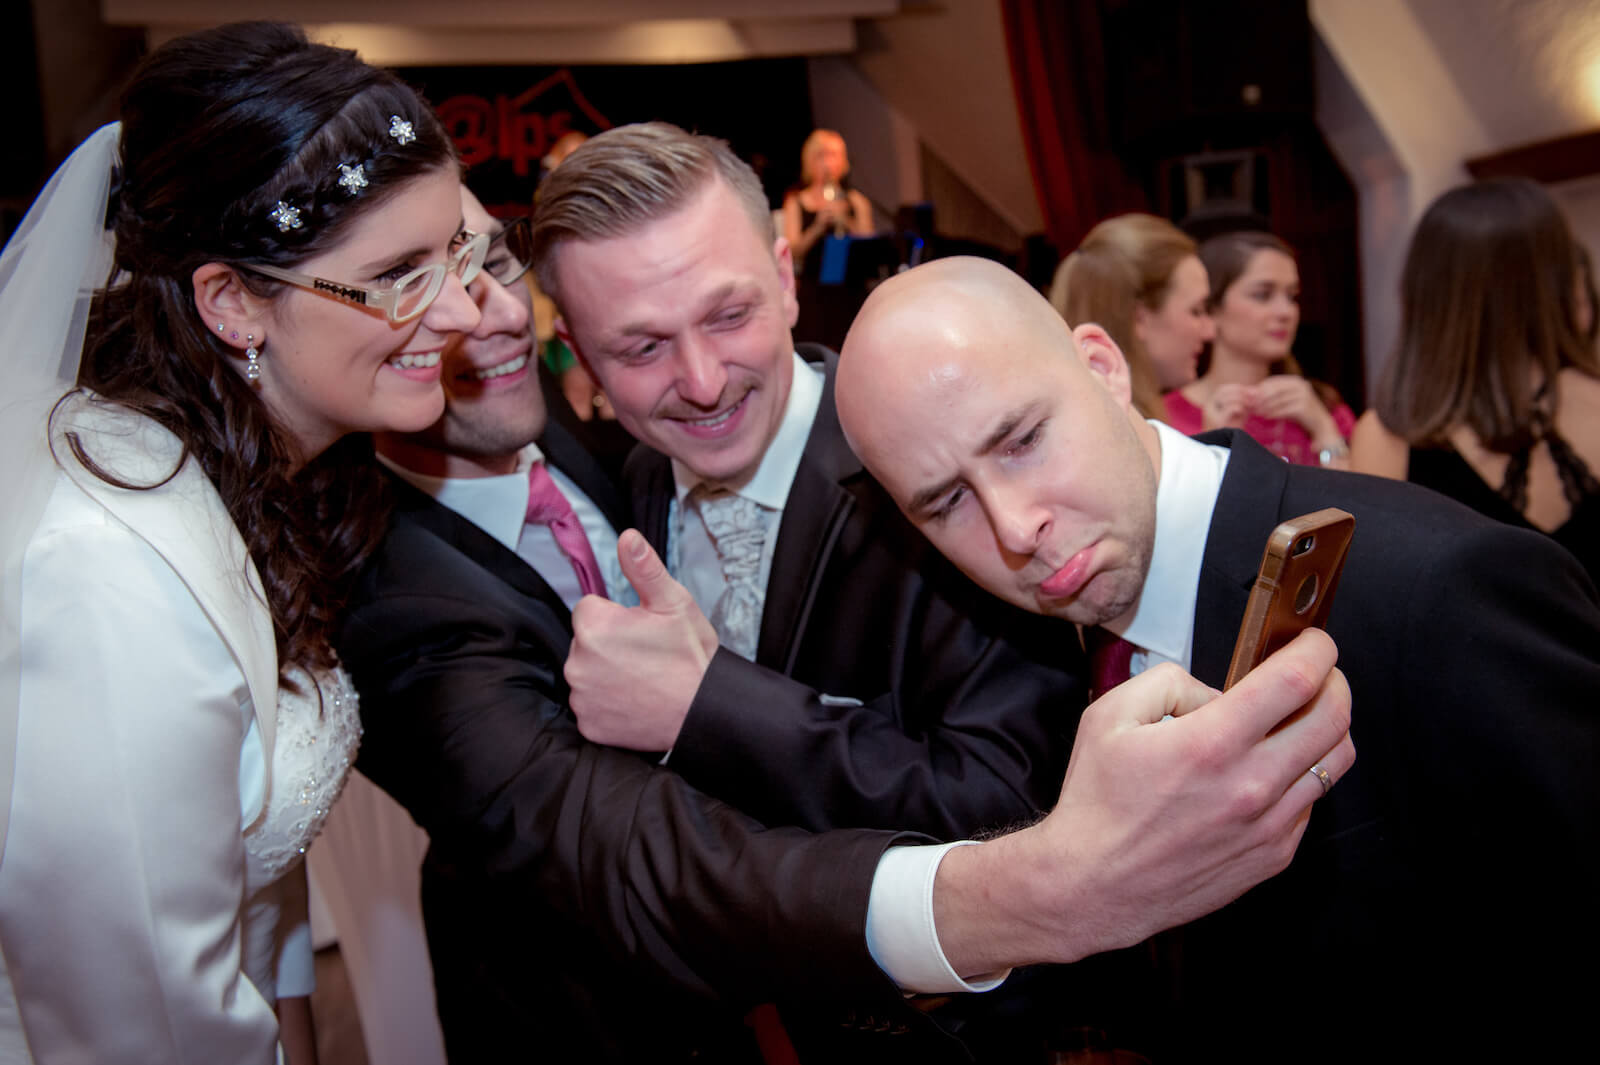 kirchliche Trauung in Landsberg - Brautpaar und zwei Gäste fotografieren sich